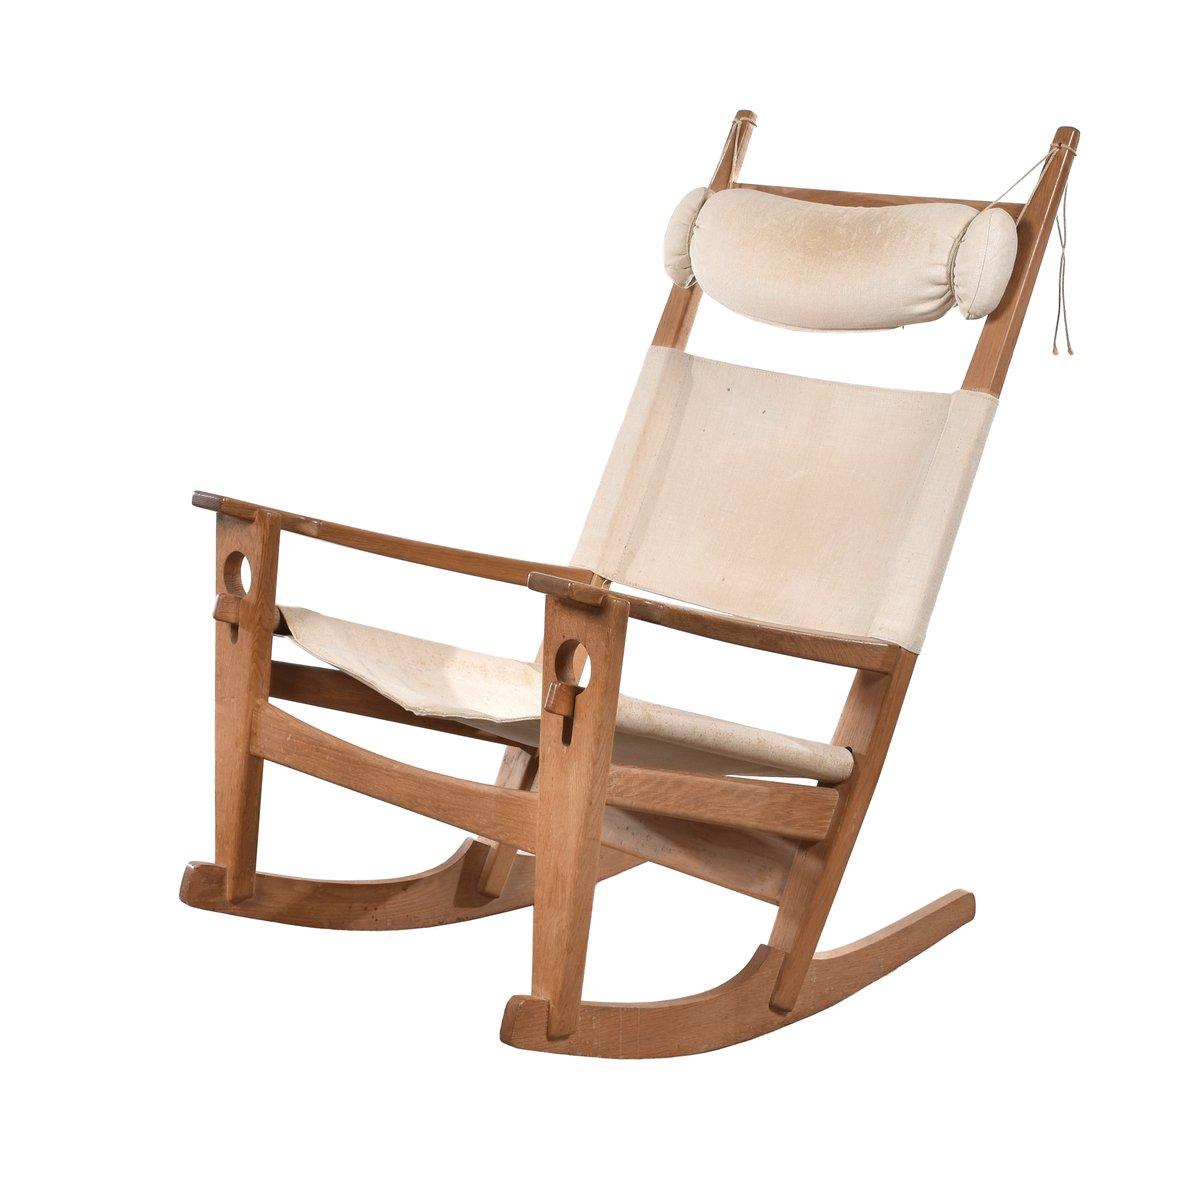 Sedia a dondolo ge673 di hans j wegner per getama anni for Sedia design anni 70